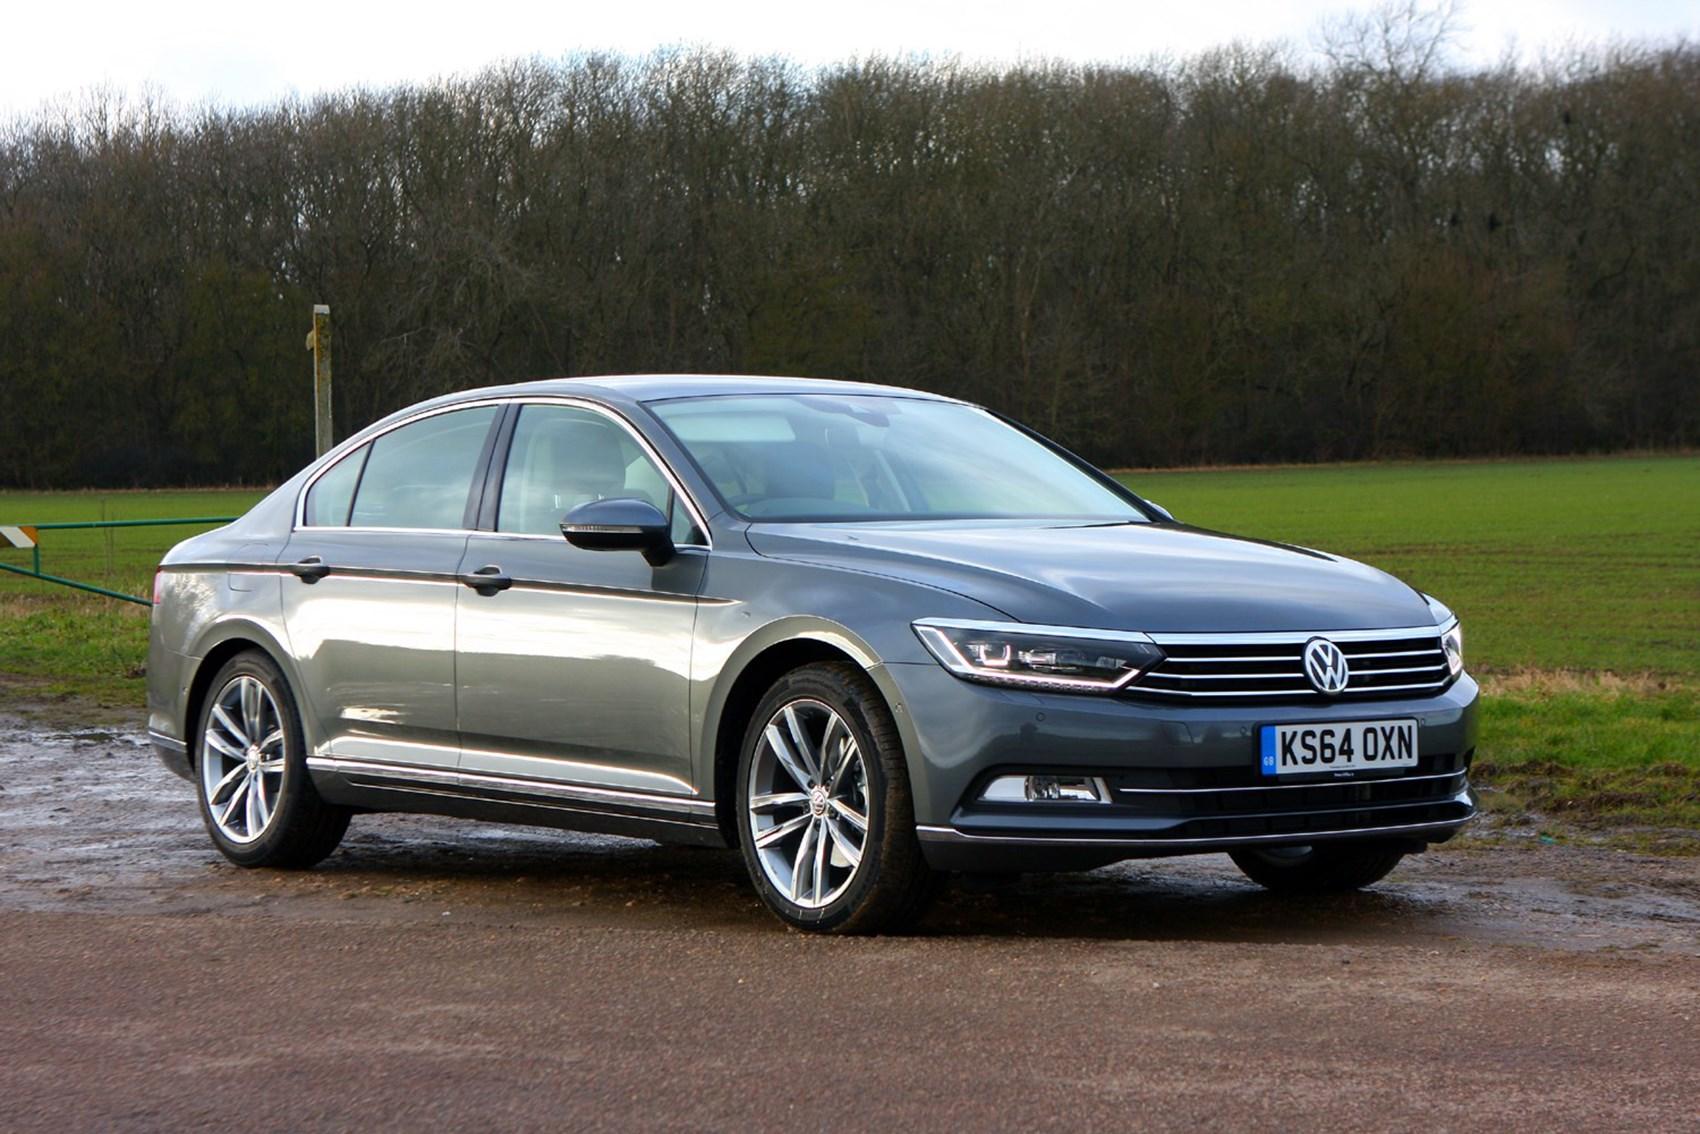 VW Passat - best towing cars reviews